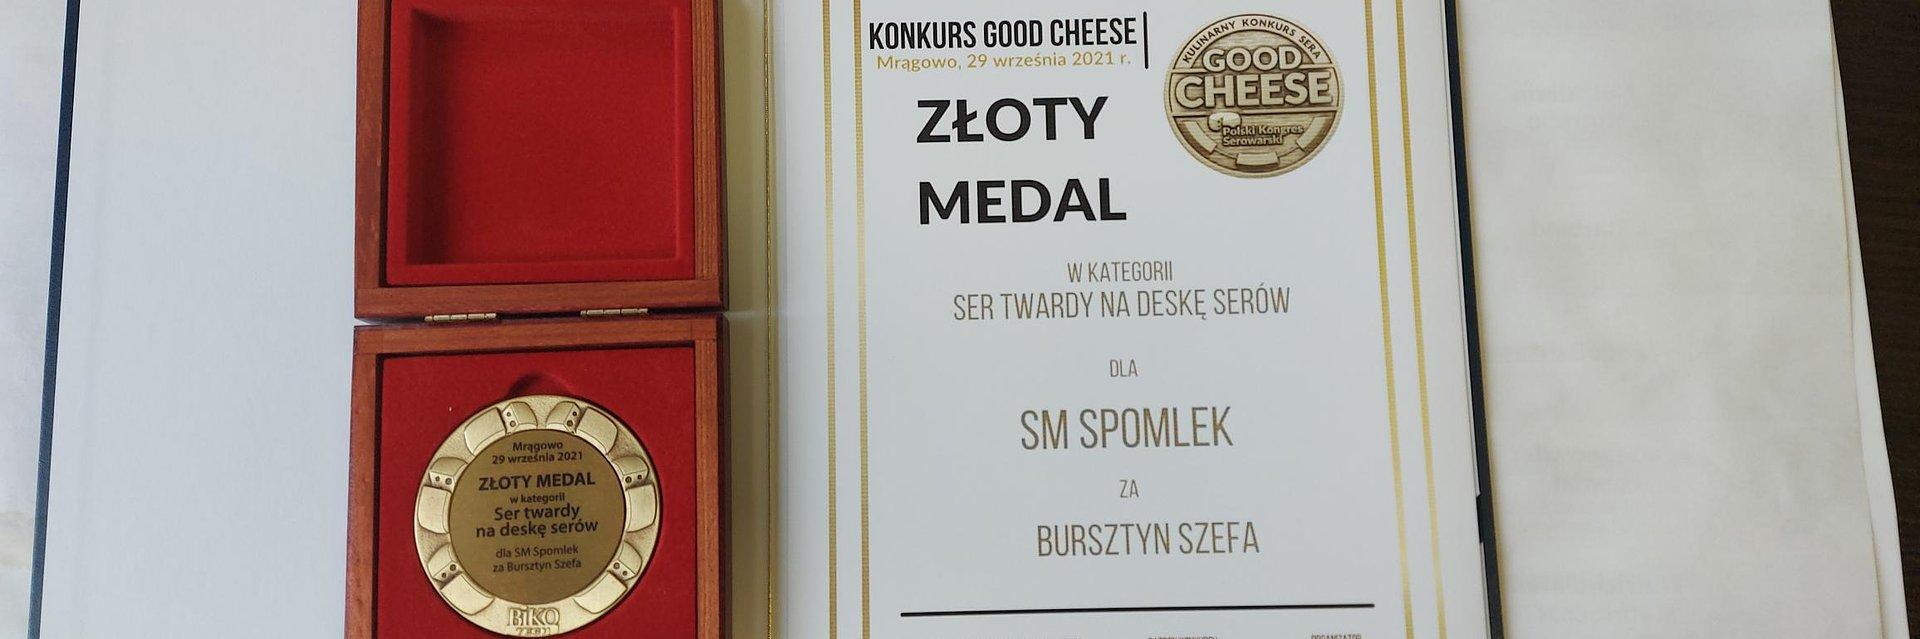 Medale dla Bursztyna, Szafira i Radamera